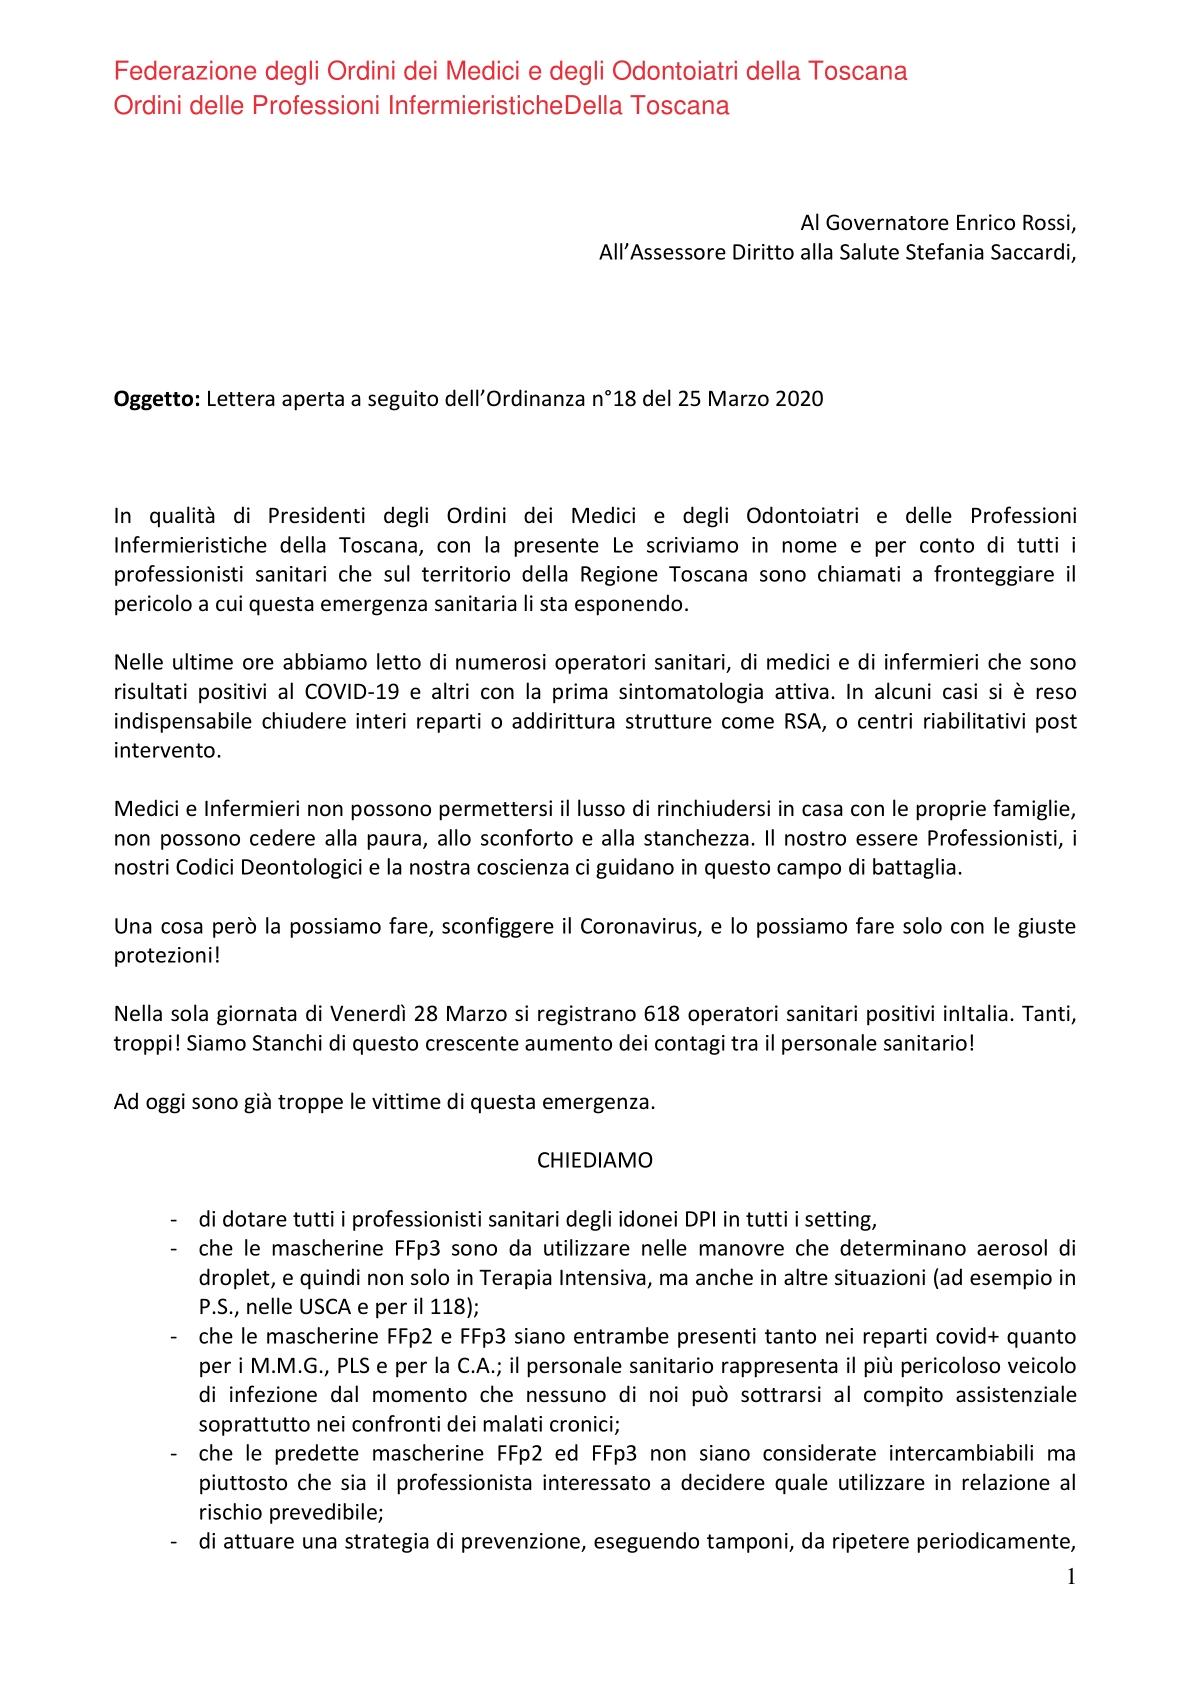 Lettera Aperta Medici e Infermieri Toscani 1